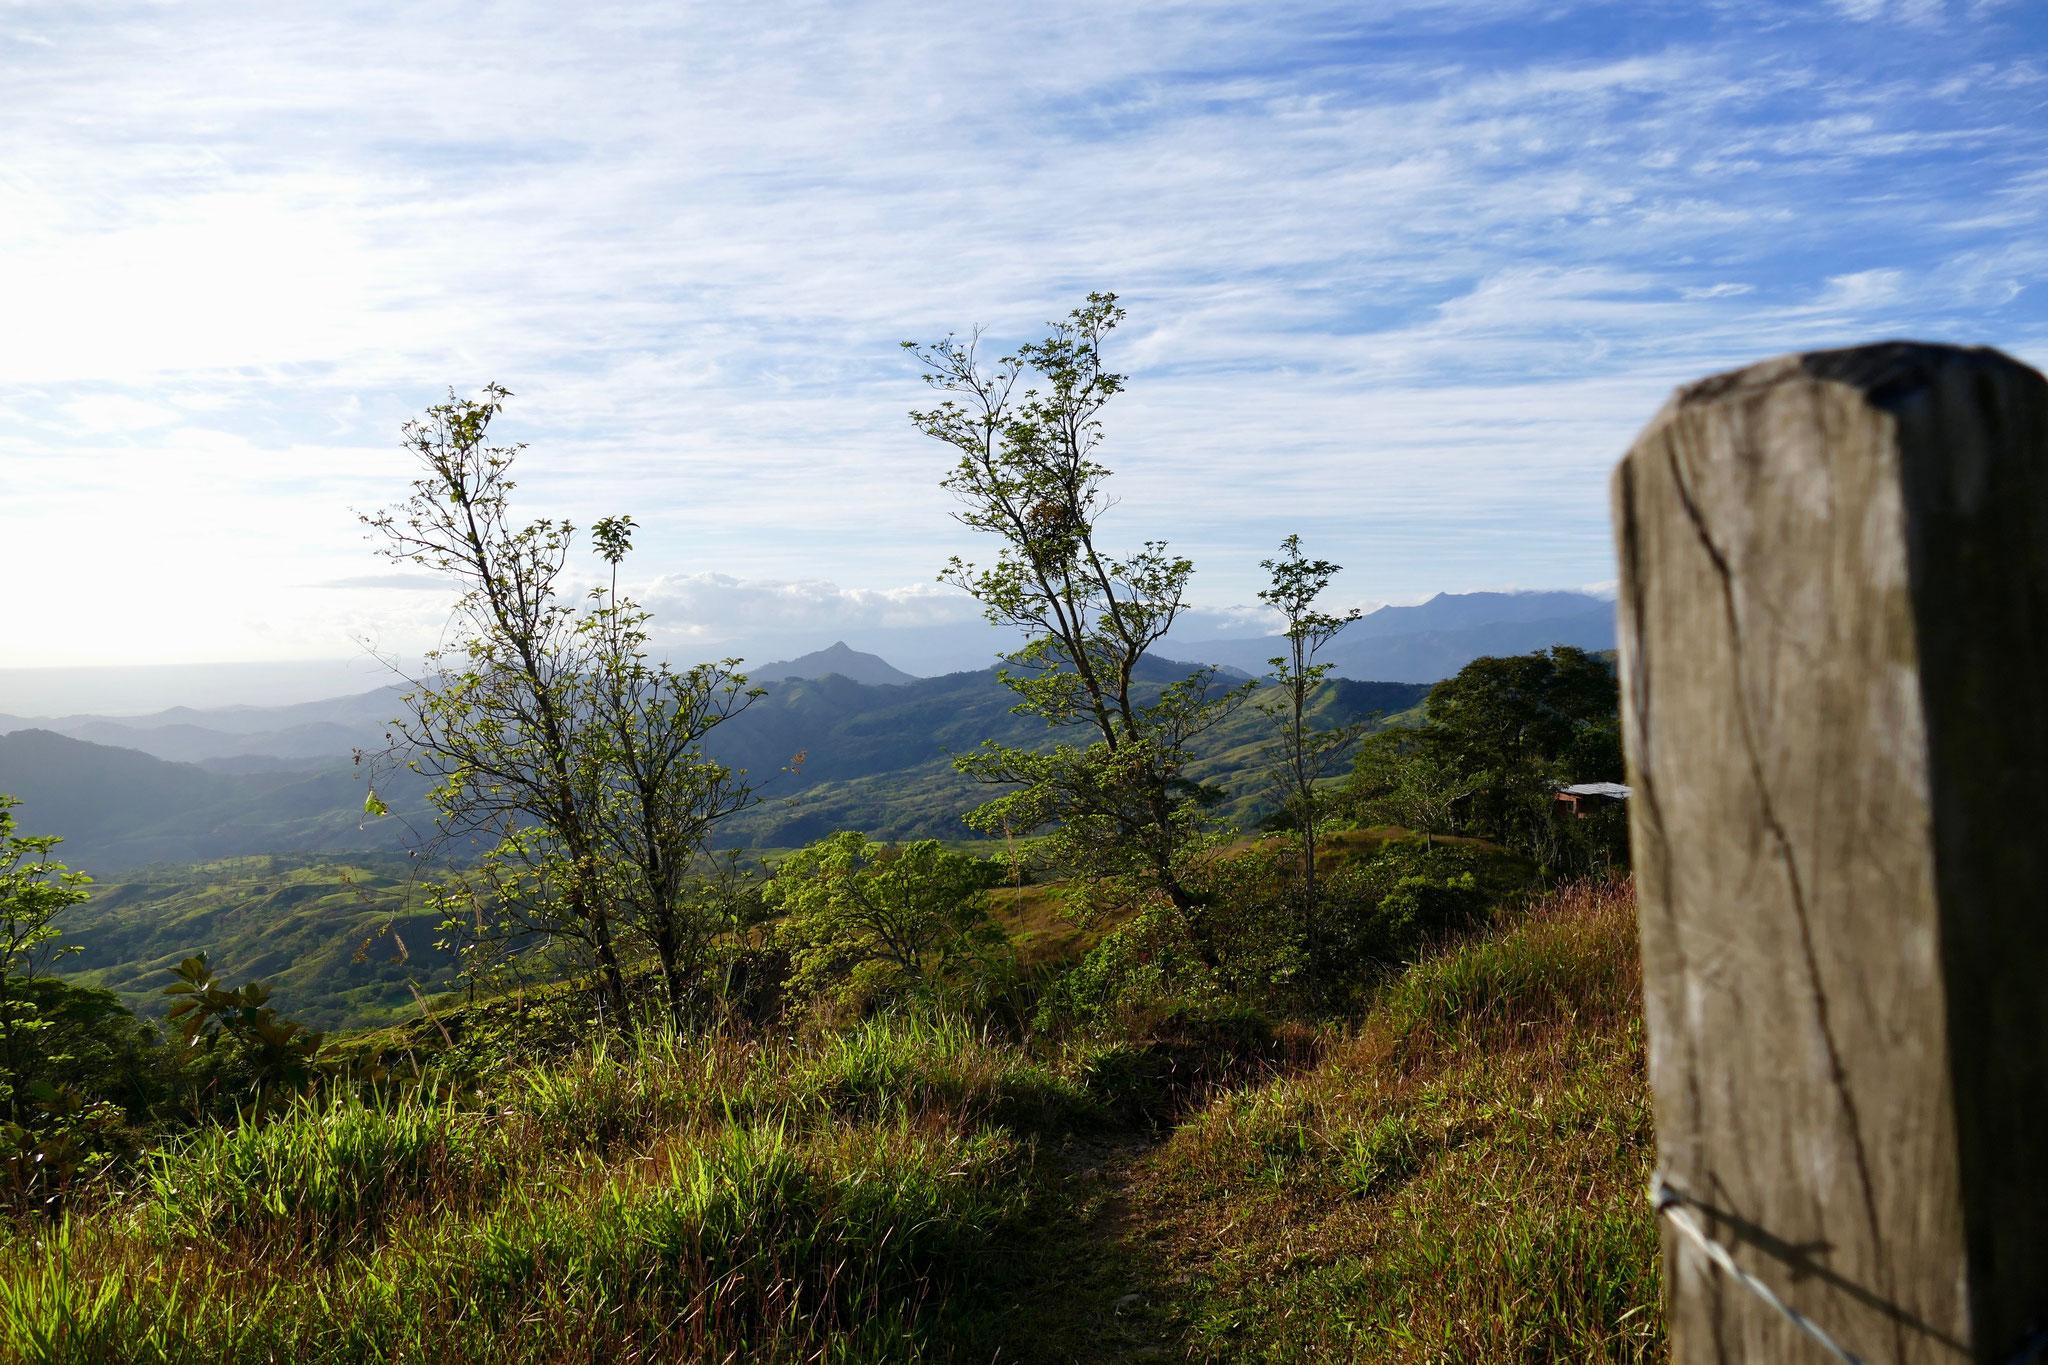 Die Landschaft um Boquete ist wunderschön